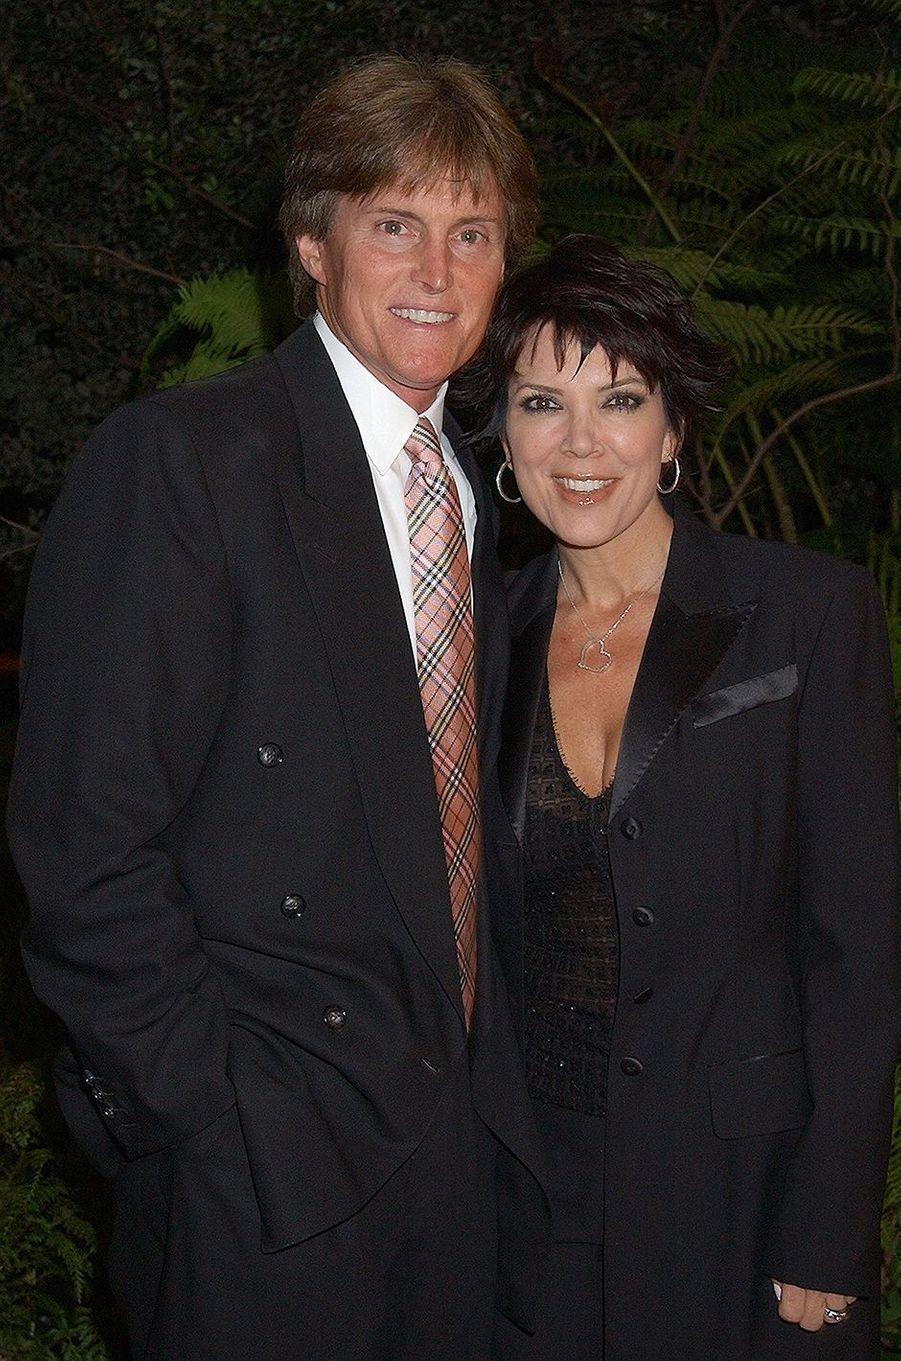 Bruce et Kris Jenner lors d'une soirée à Bel Air en mars 2003